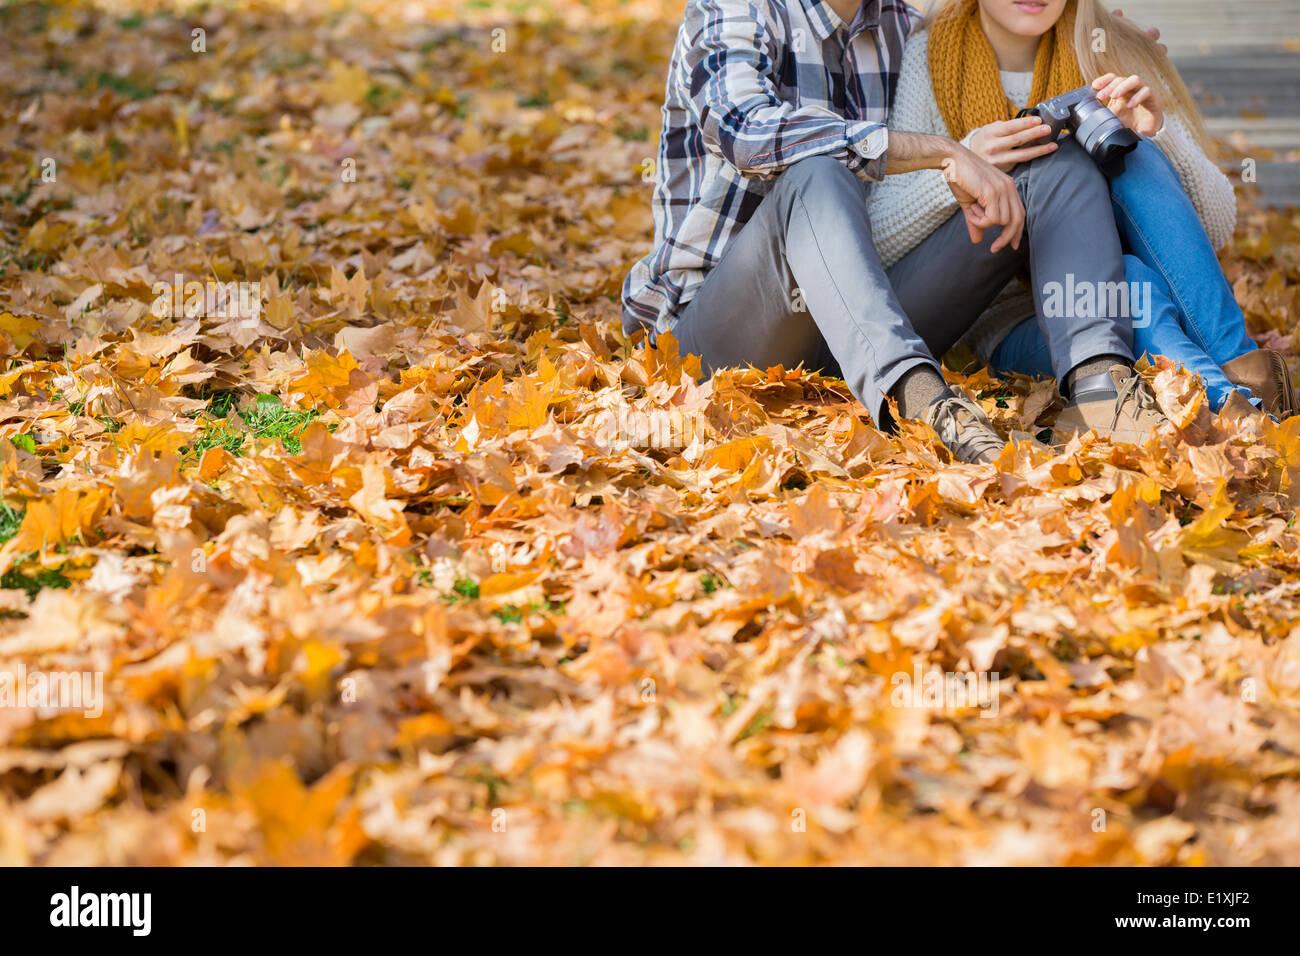 La section basse de couple avec camera sitting on autumn leaves in park Banque D'Images